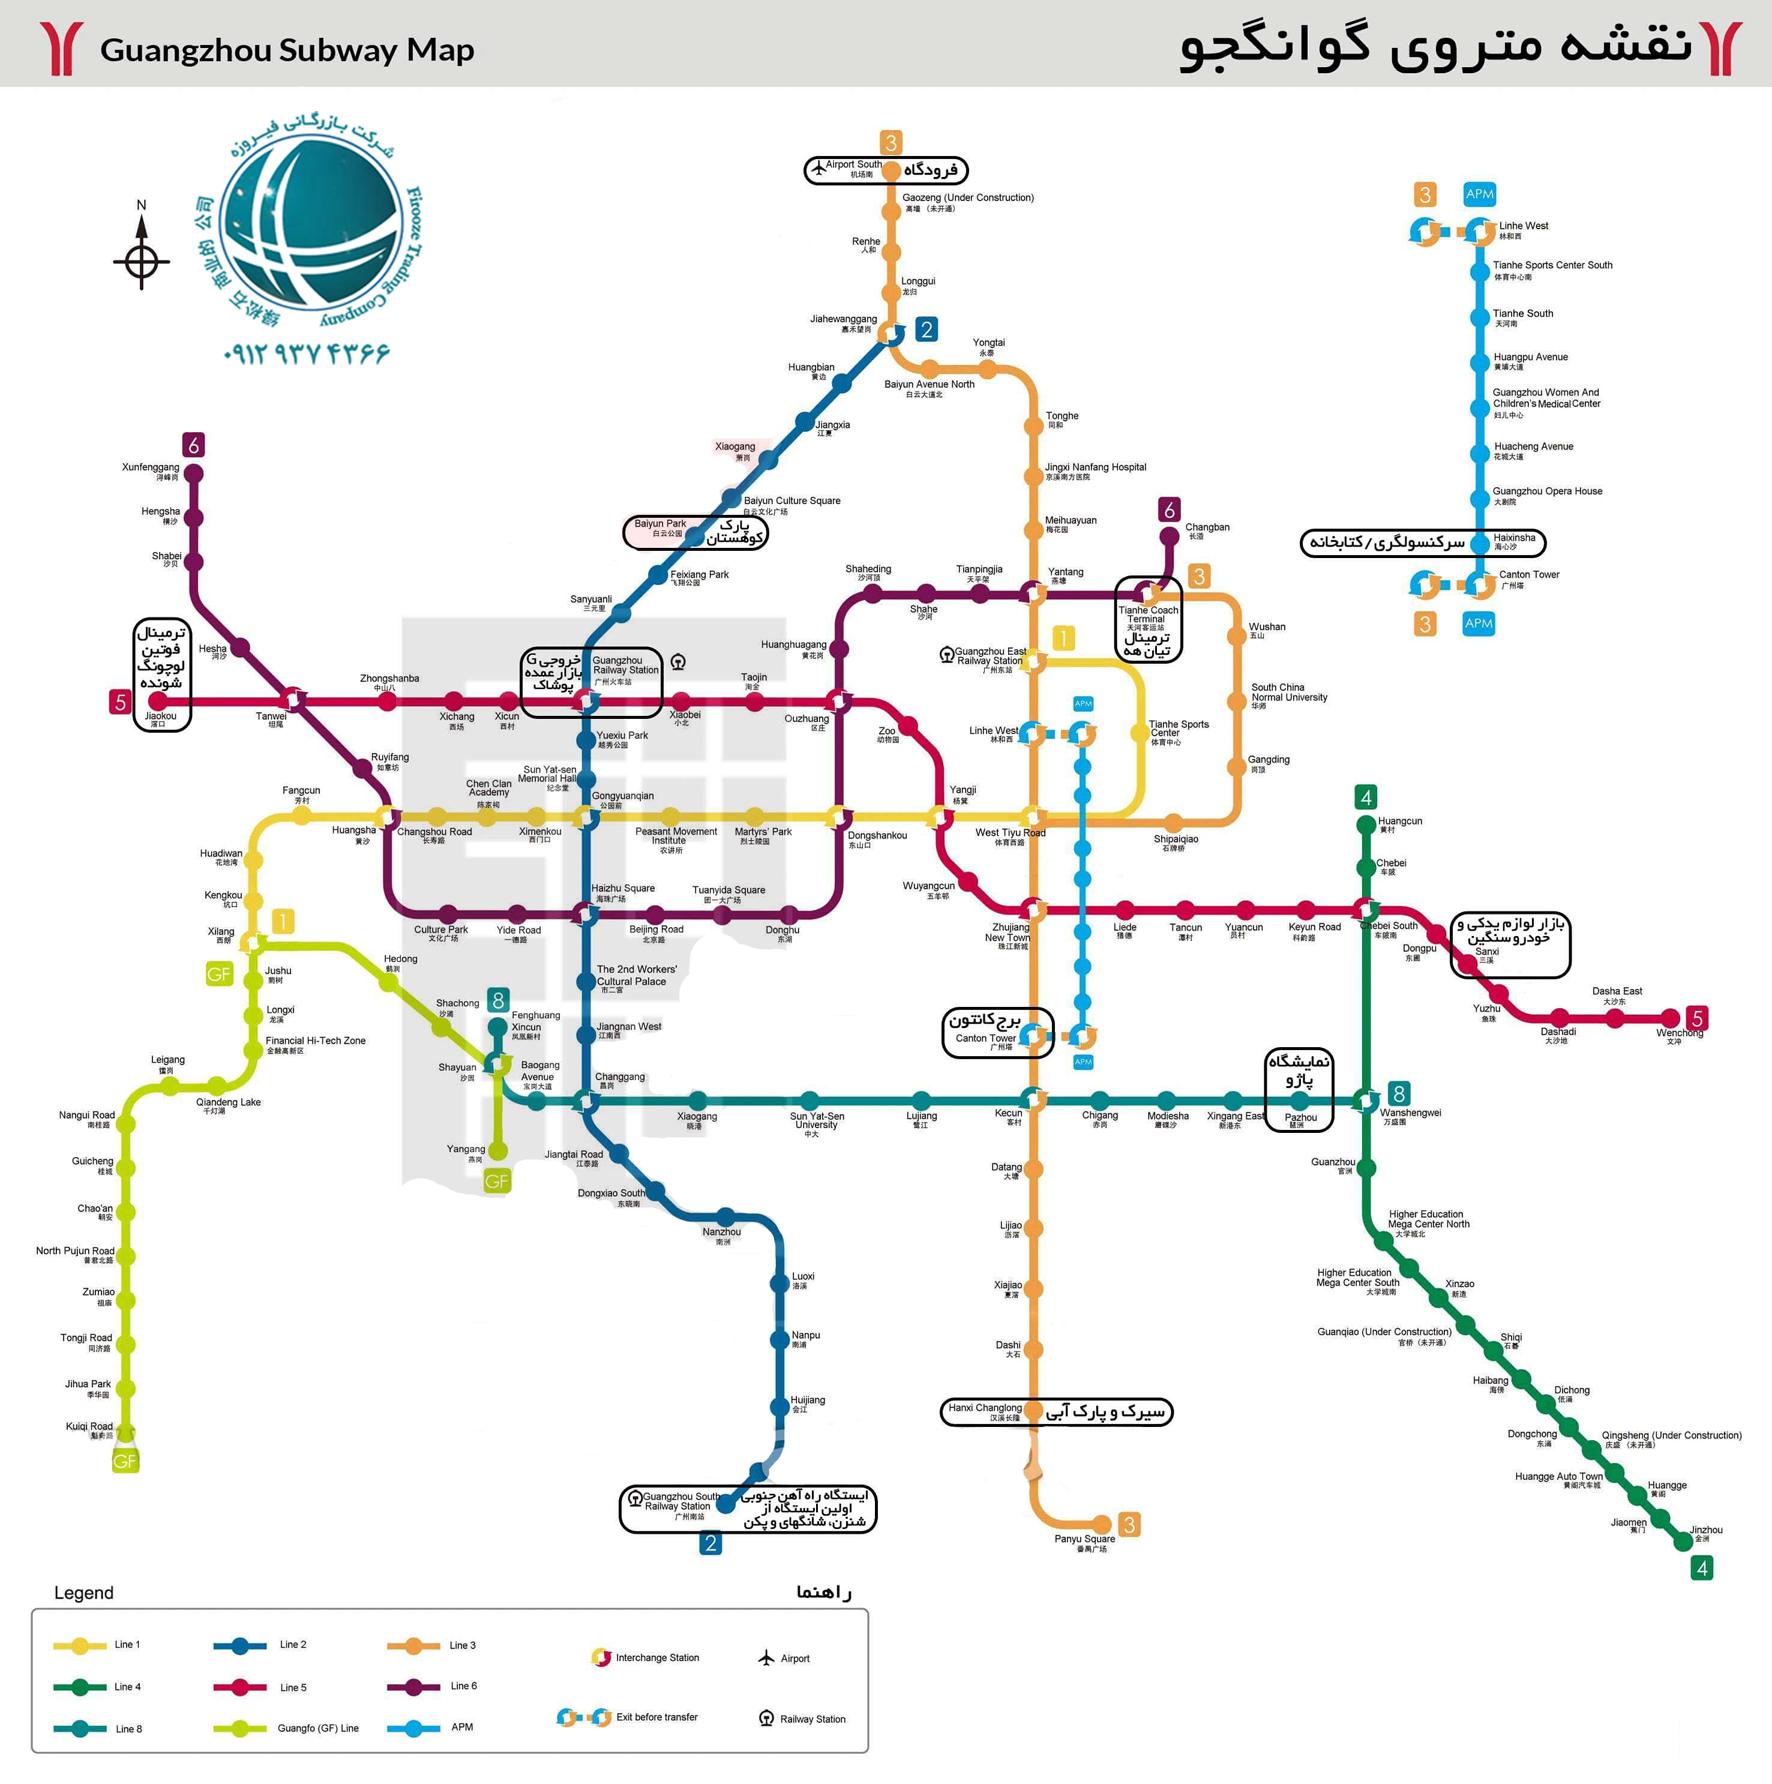 نقشه متروی گوانجو، دانلود نقشه شهر گوانگجو، نقشه فارسی گوانجو، مراکز خرید عمده در گوانجو، سفر به گوانگجو، جاهای دیدنی گوانجو، مراکز خرید گوانجو، نقشه شهرهای چین، نقشه گوانجو به فارسی، مراکز خرید گوانجو چین، راهنمای سفر گوانگجو، سفر به گوانگجو، نقشه-مترو-گوانجو، مترو گوانجو، دانلود نقشه متروی گوانگ جو،